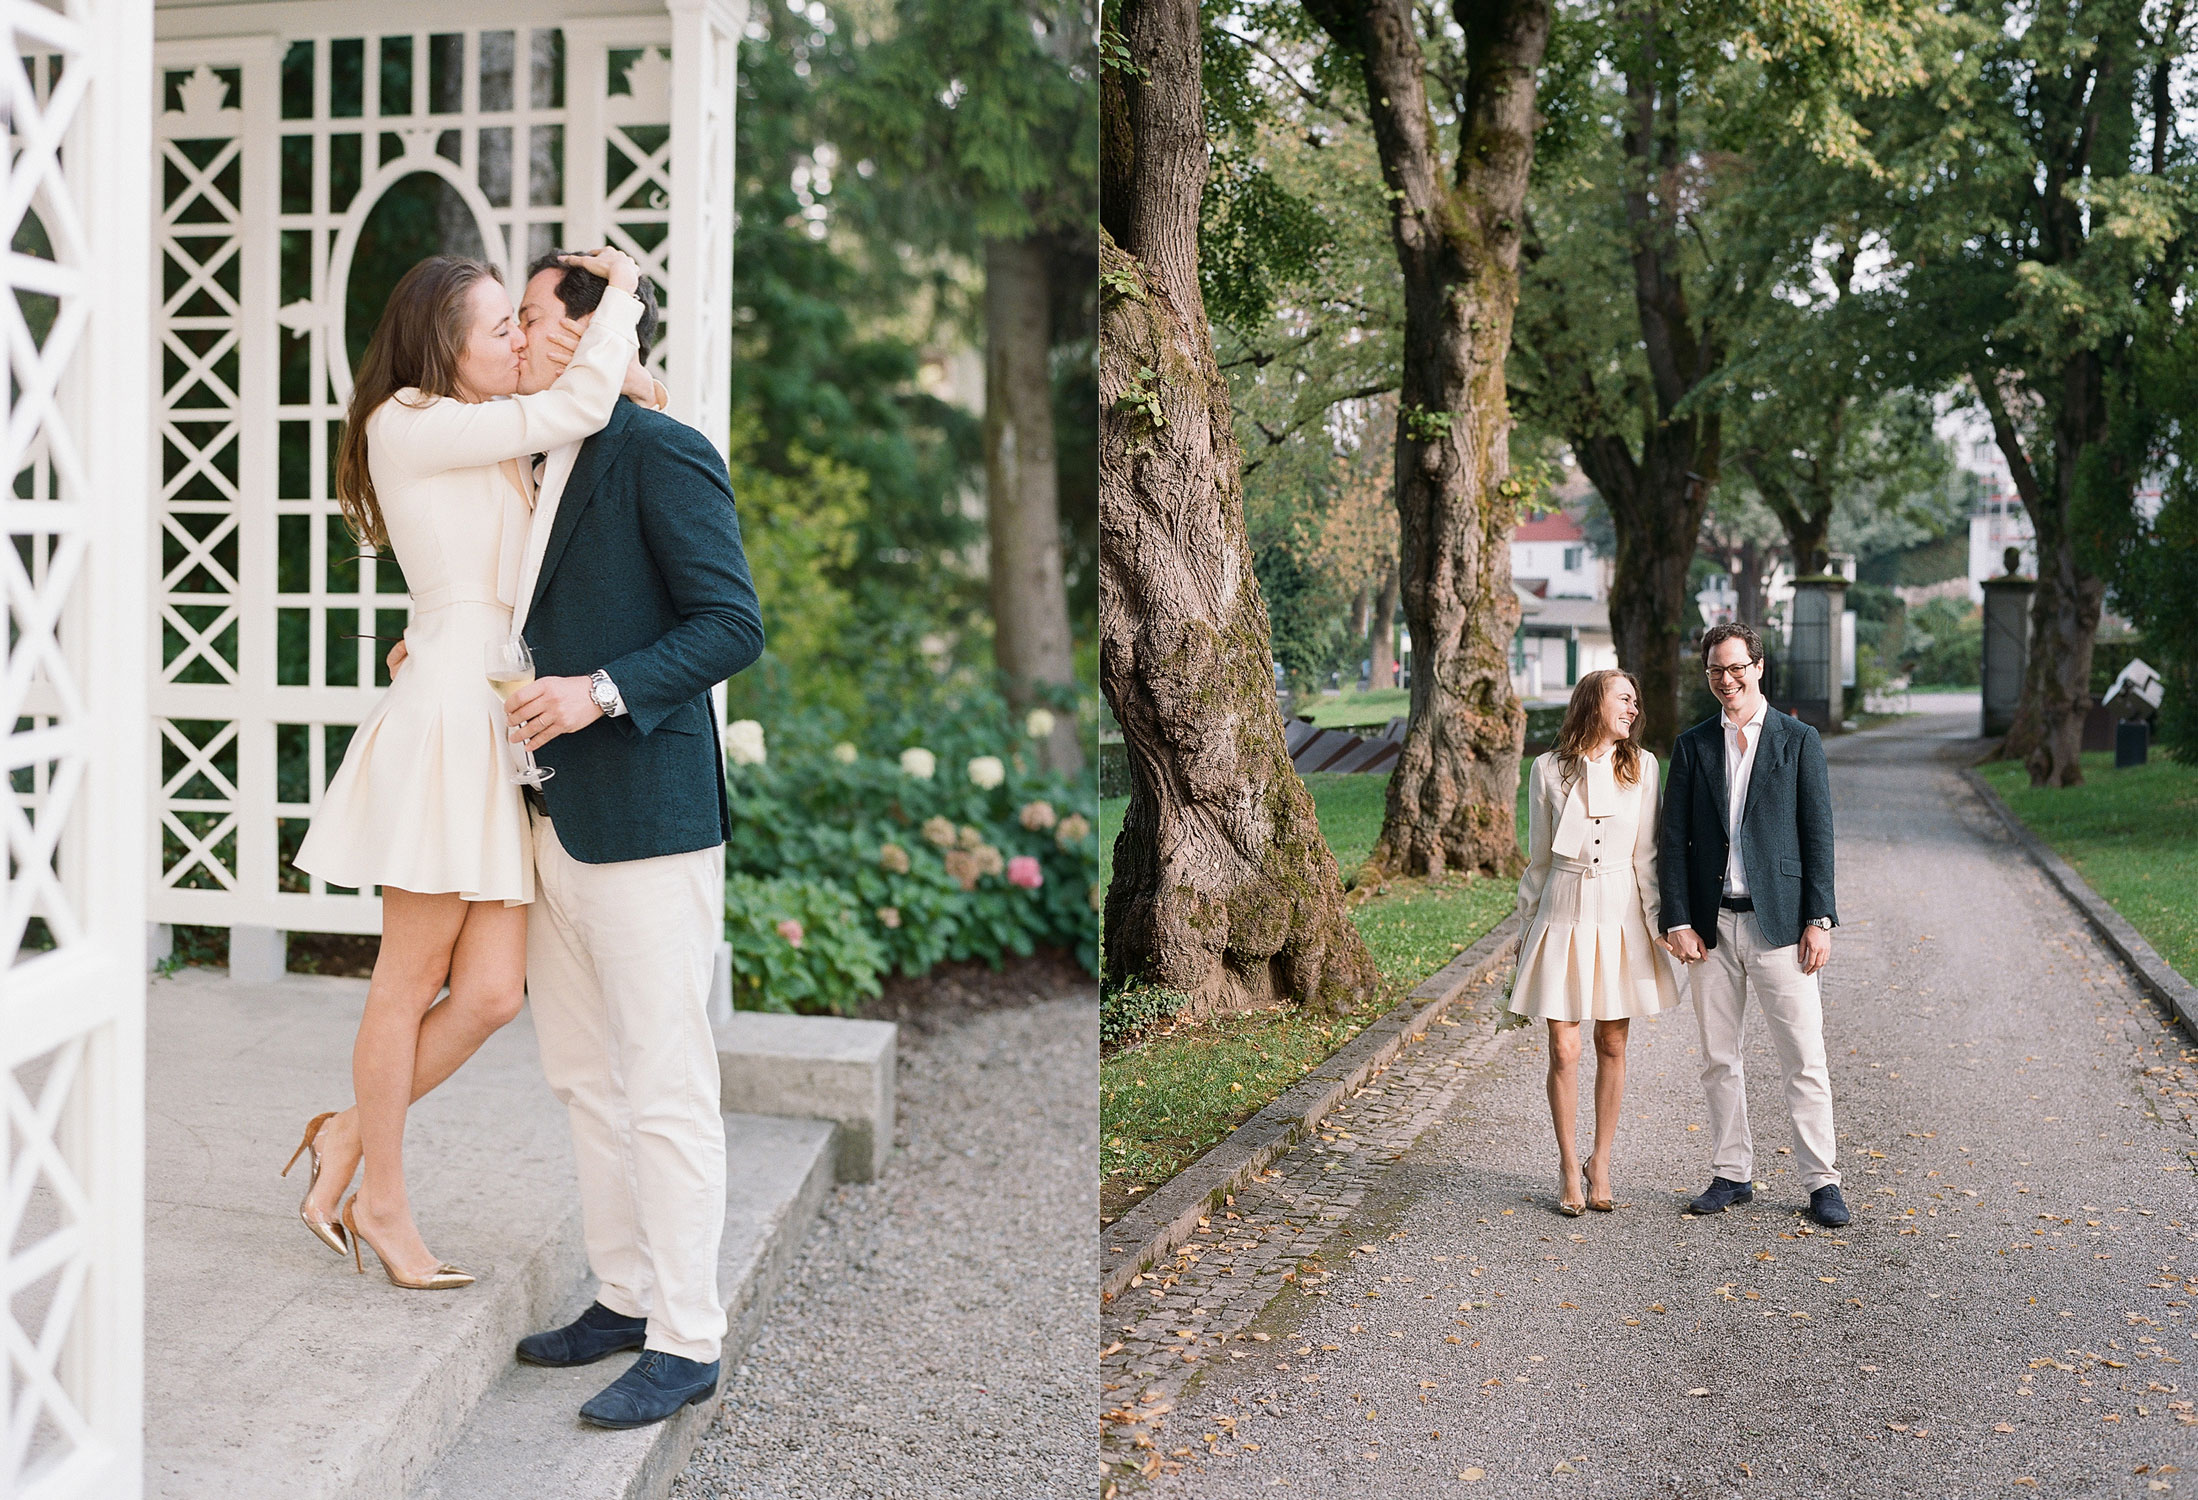 wedding_villa_meier_severini_012.jpg